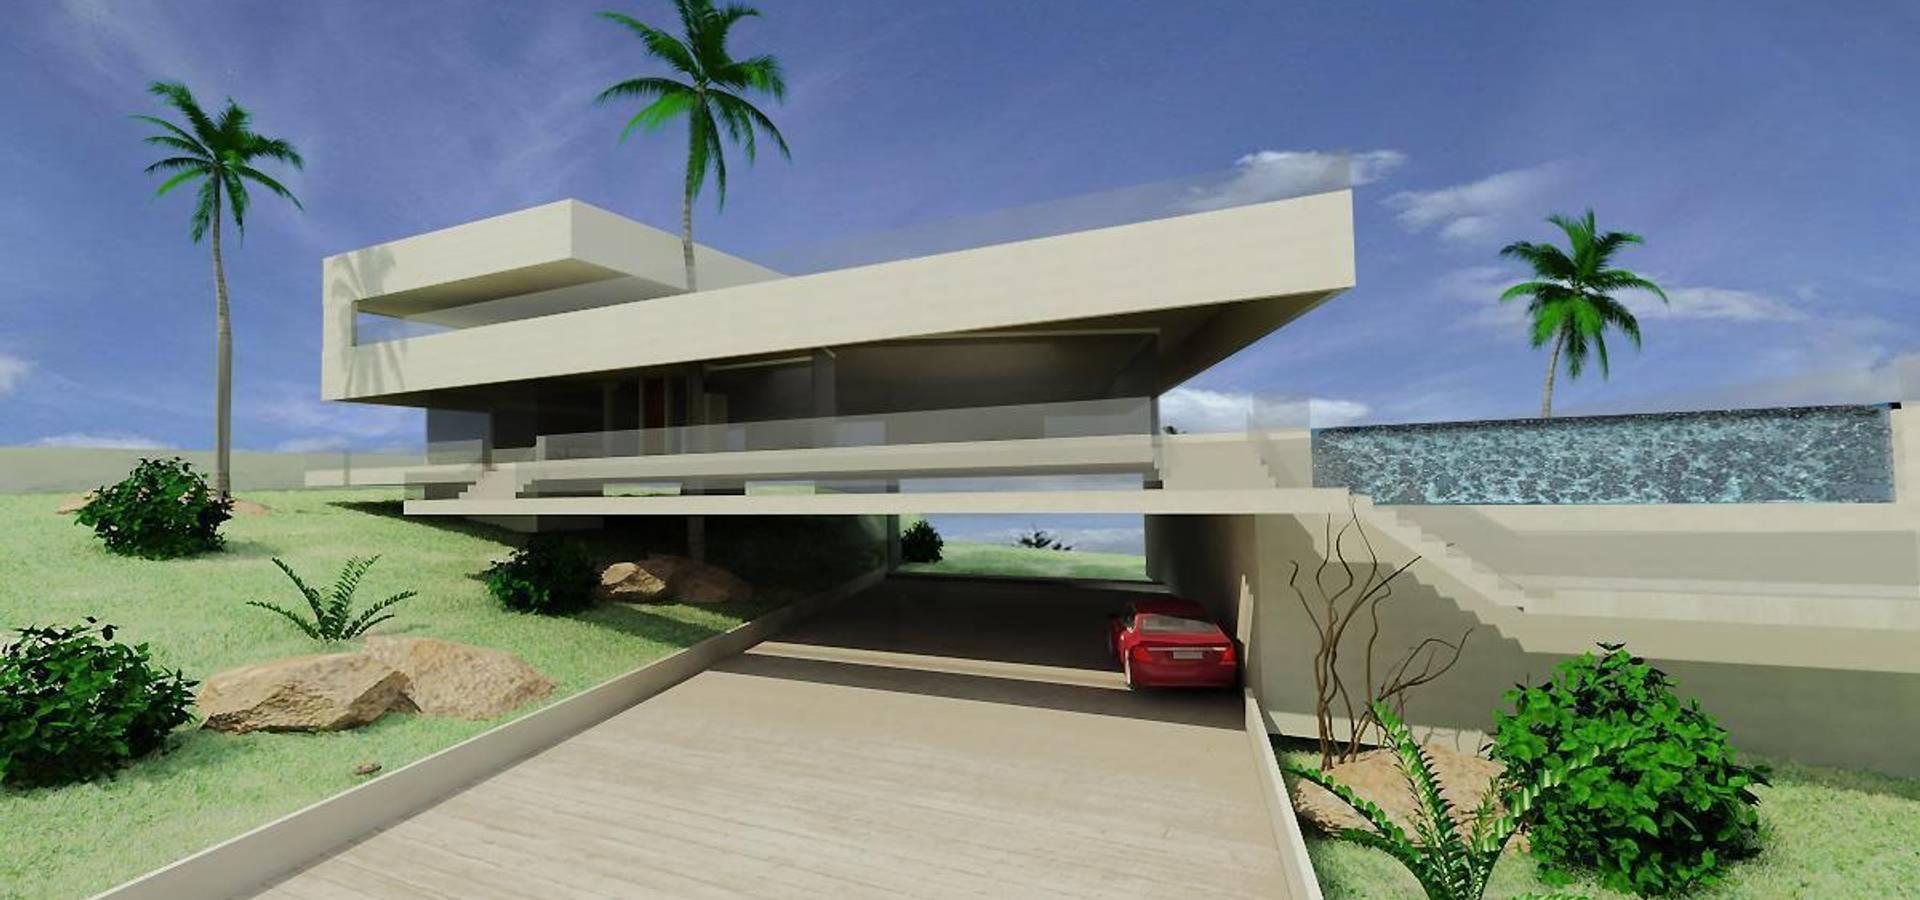 Osvaldo talamonti estudio de arquitectura arquitectos - Estudios de arquitectura en tenerife ...